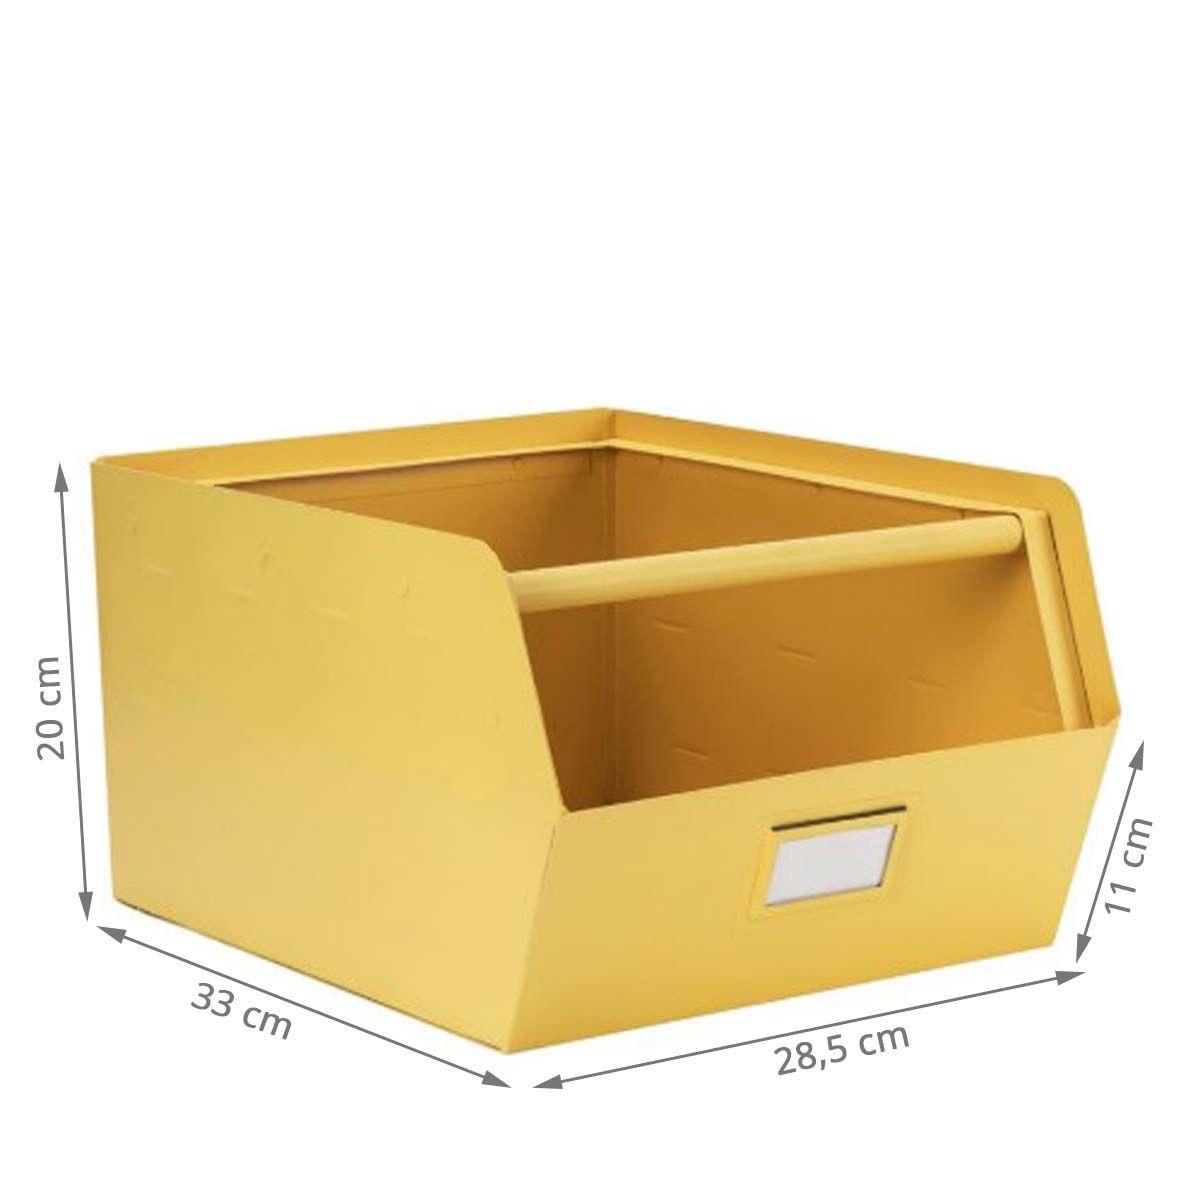 Casier De Rangement En Metal Jaune 20x28x33